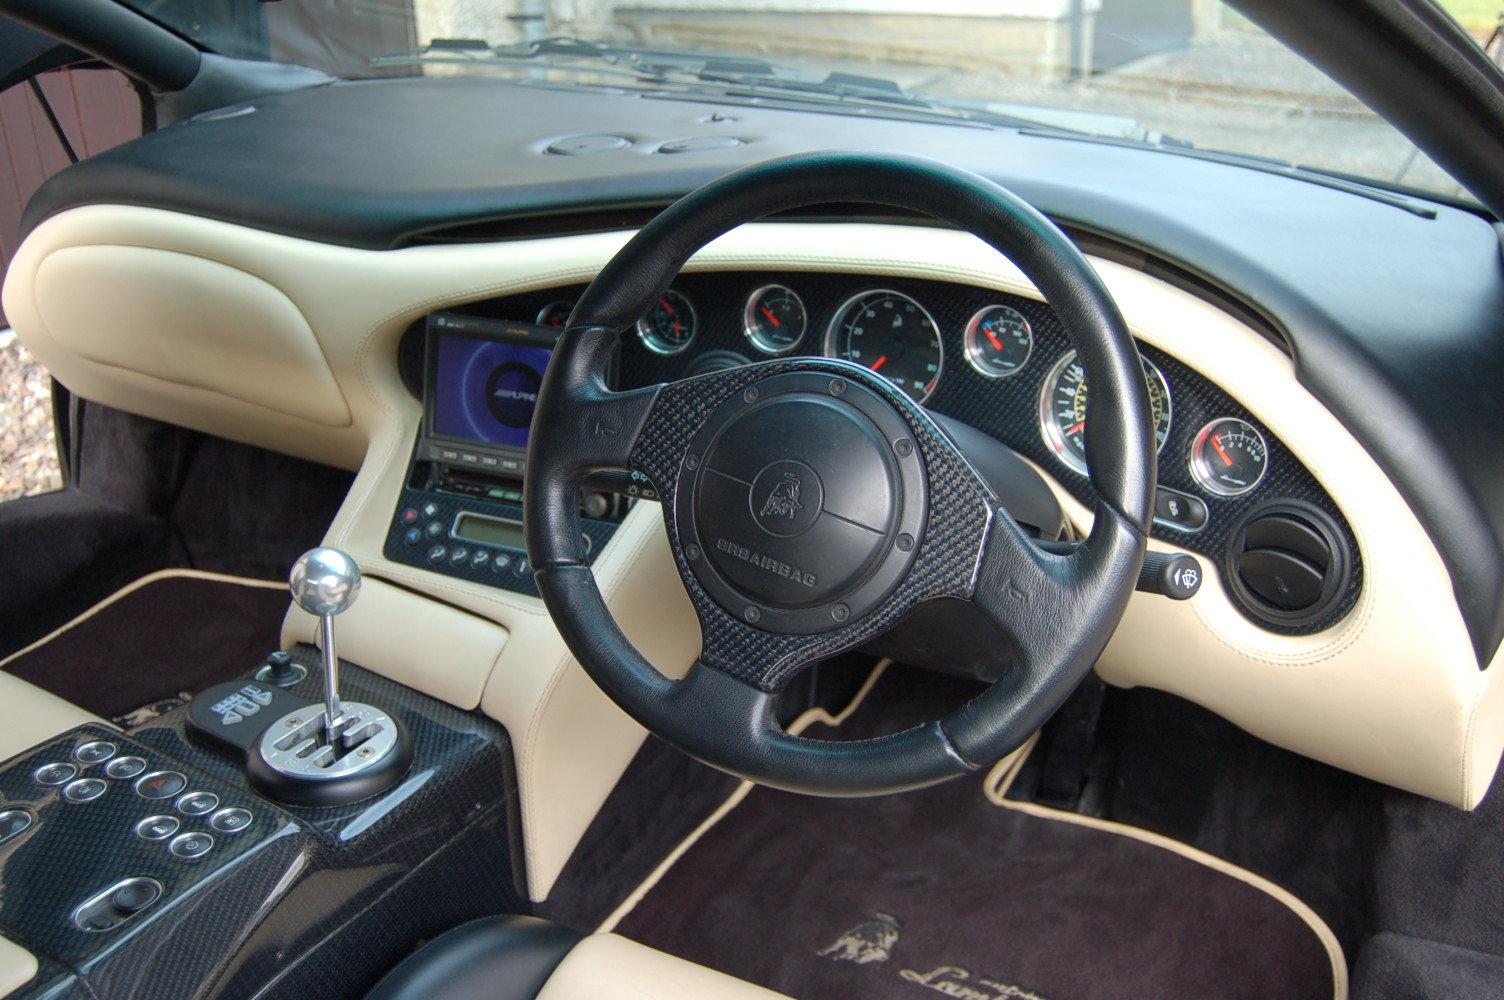 2001 Lamborghini Diablo 6.0 (UK Supplied) For Sale (picture 2 of 6)